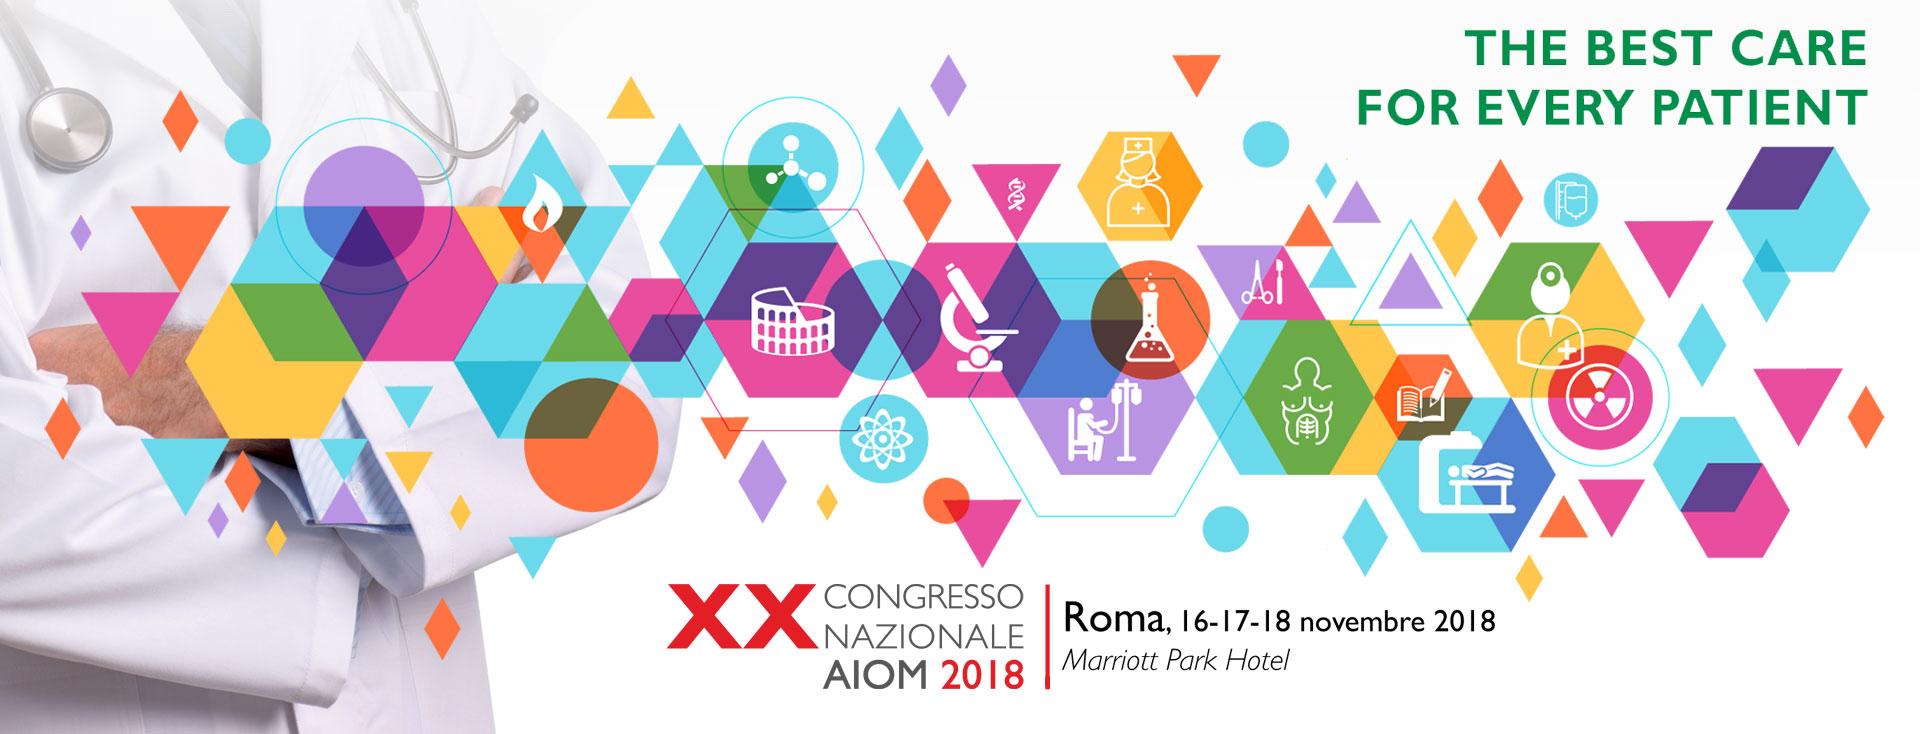 XX CONGRESSO NAZIONALE AIOM – ROMA 16-18 NOVEMBRE 2018